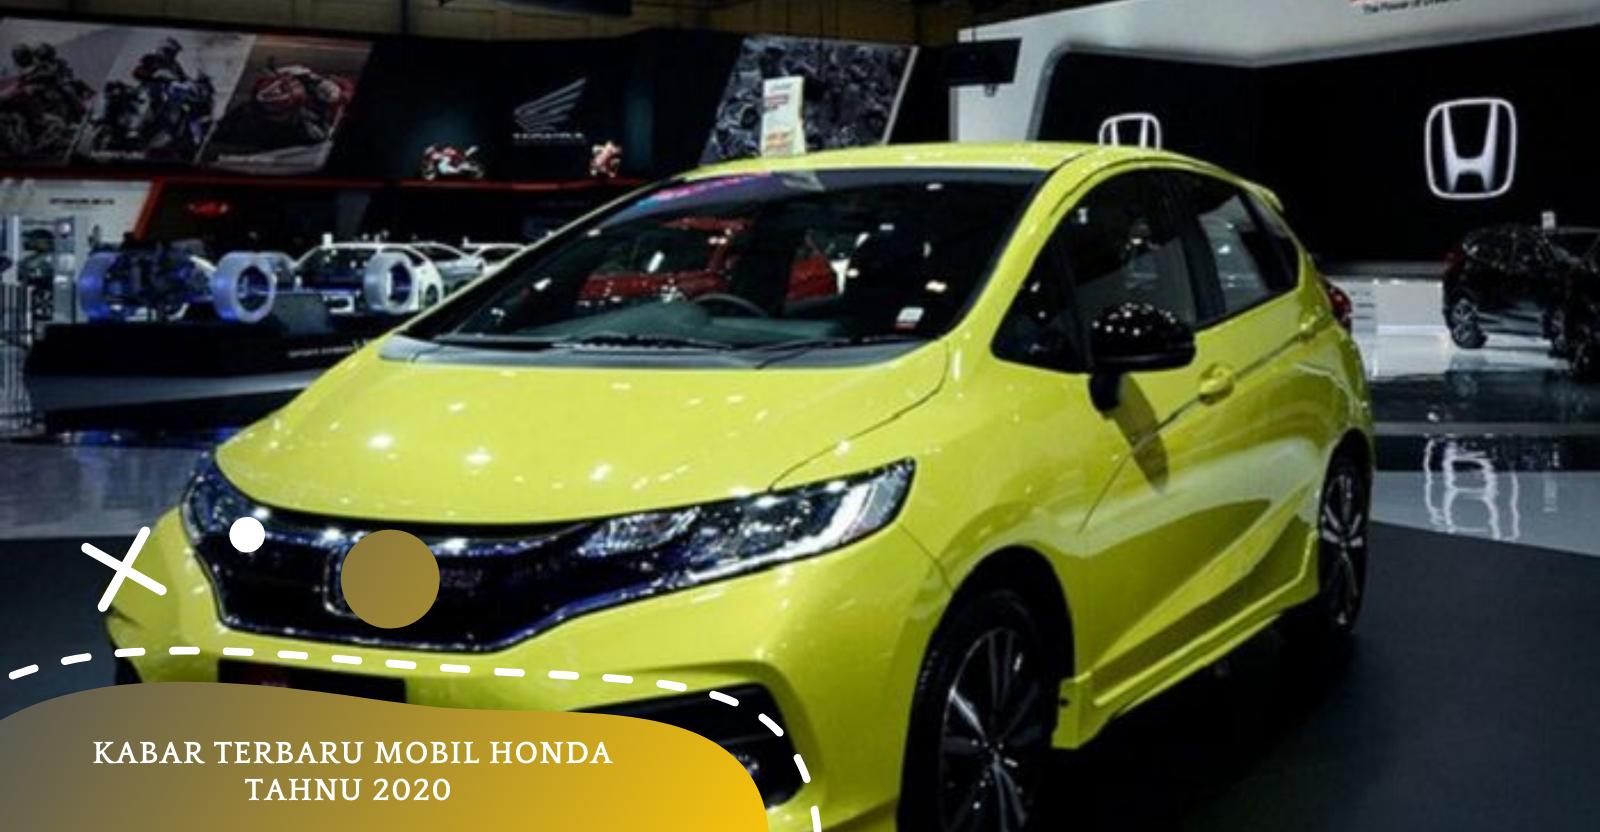 Kelebihan Harga Honda Jazz Baru Harga